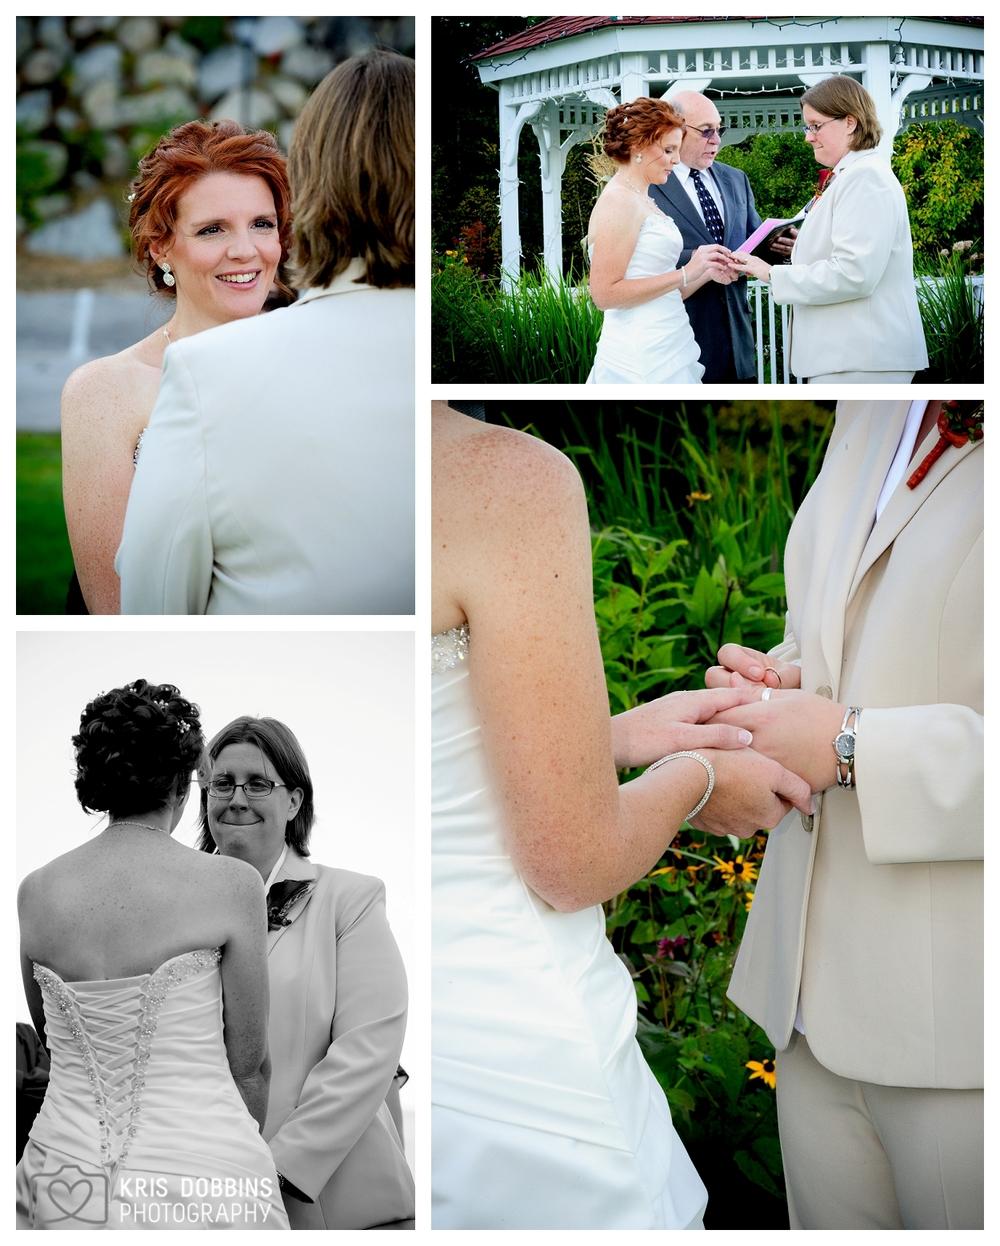 kdp_copyrighted_wedding_image_sa_blog_0005.jpg